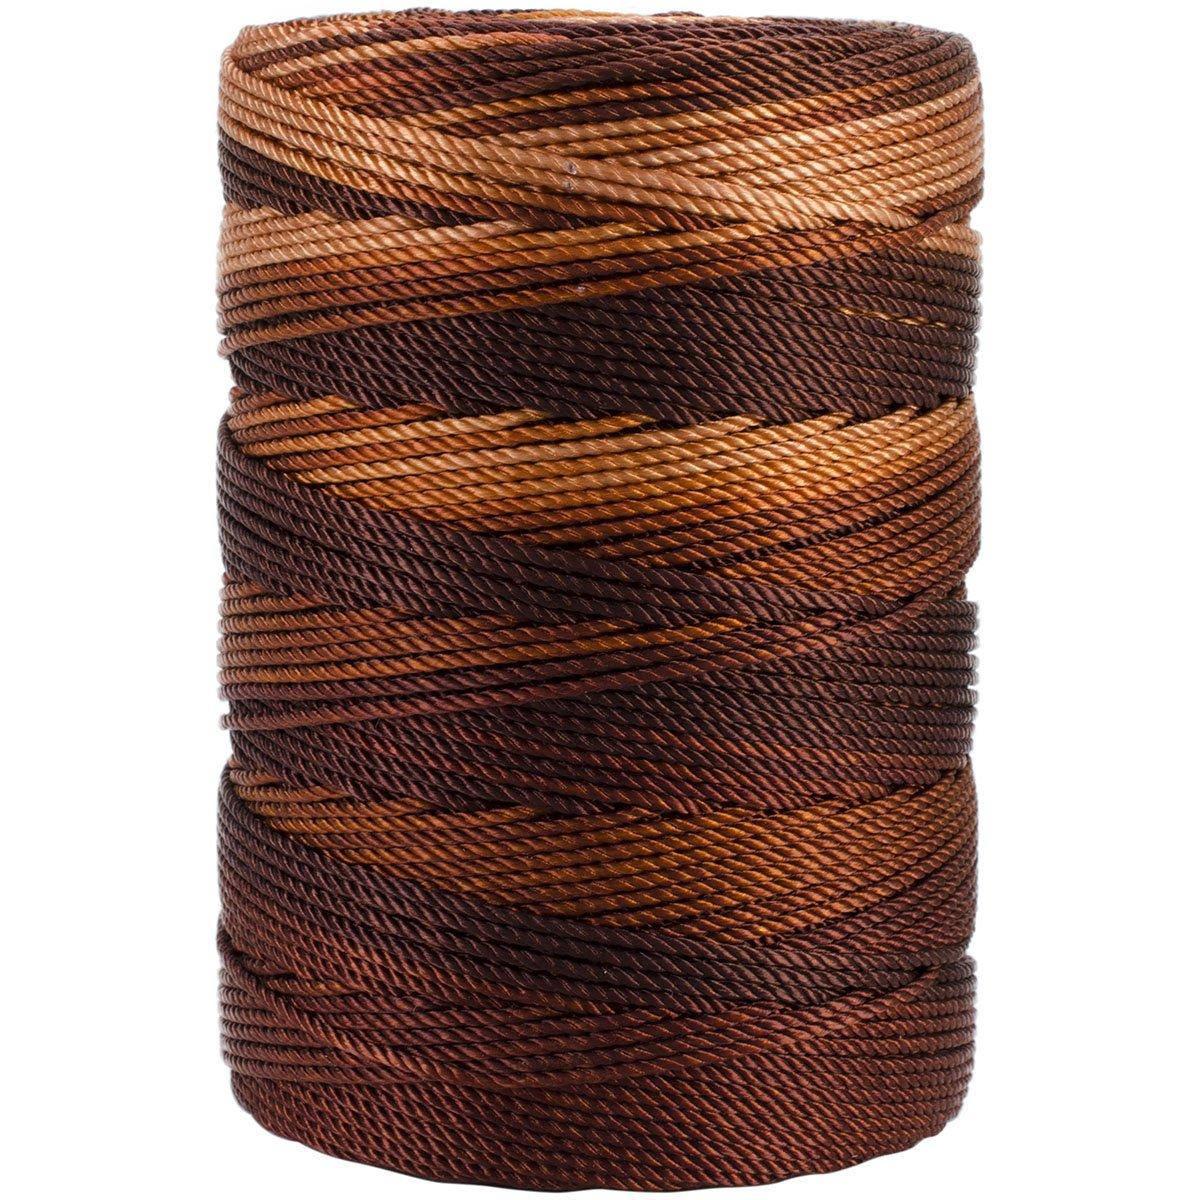 B00FOXXLPO Iris 18-483 Nylon Crochet Thread, 197-Yard, Brown Mix 81QLEyyyswL